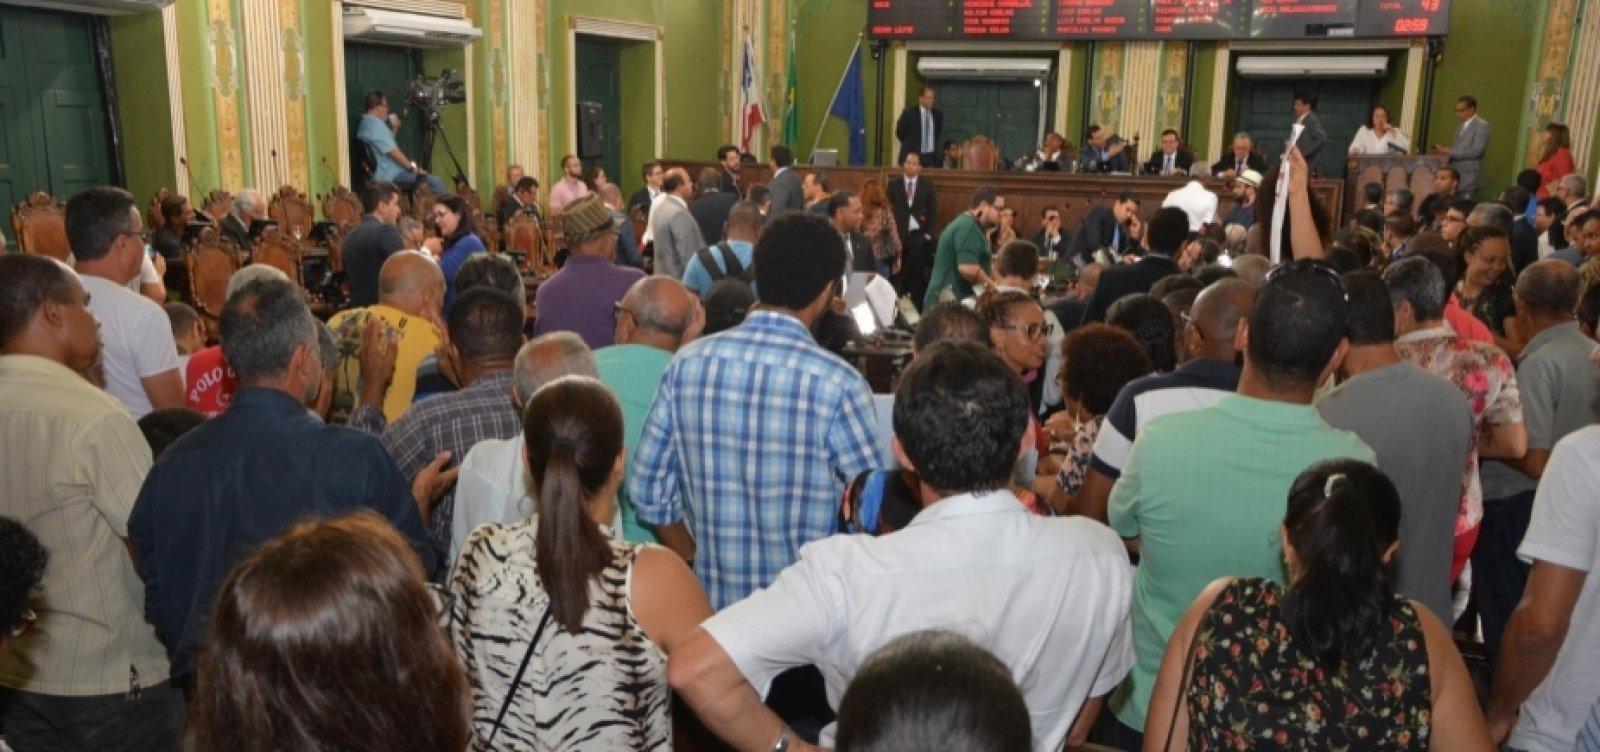 [Prefeitura de Salvador enviará à Câmara proposta de desoneração da tarifa de ônibus]